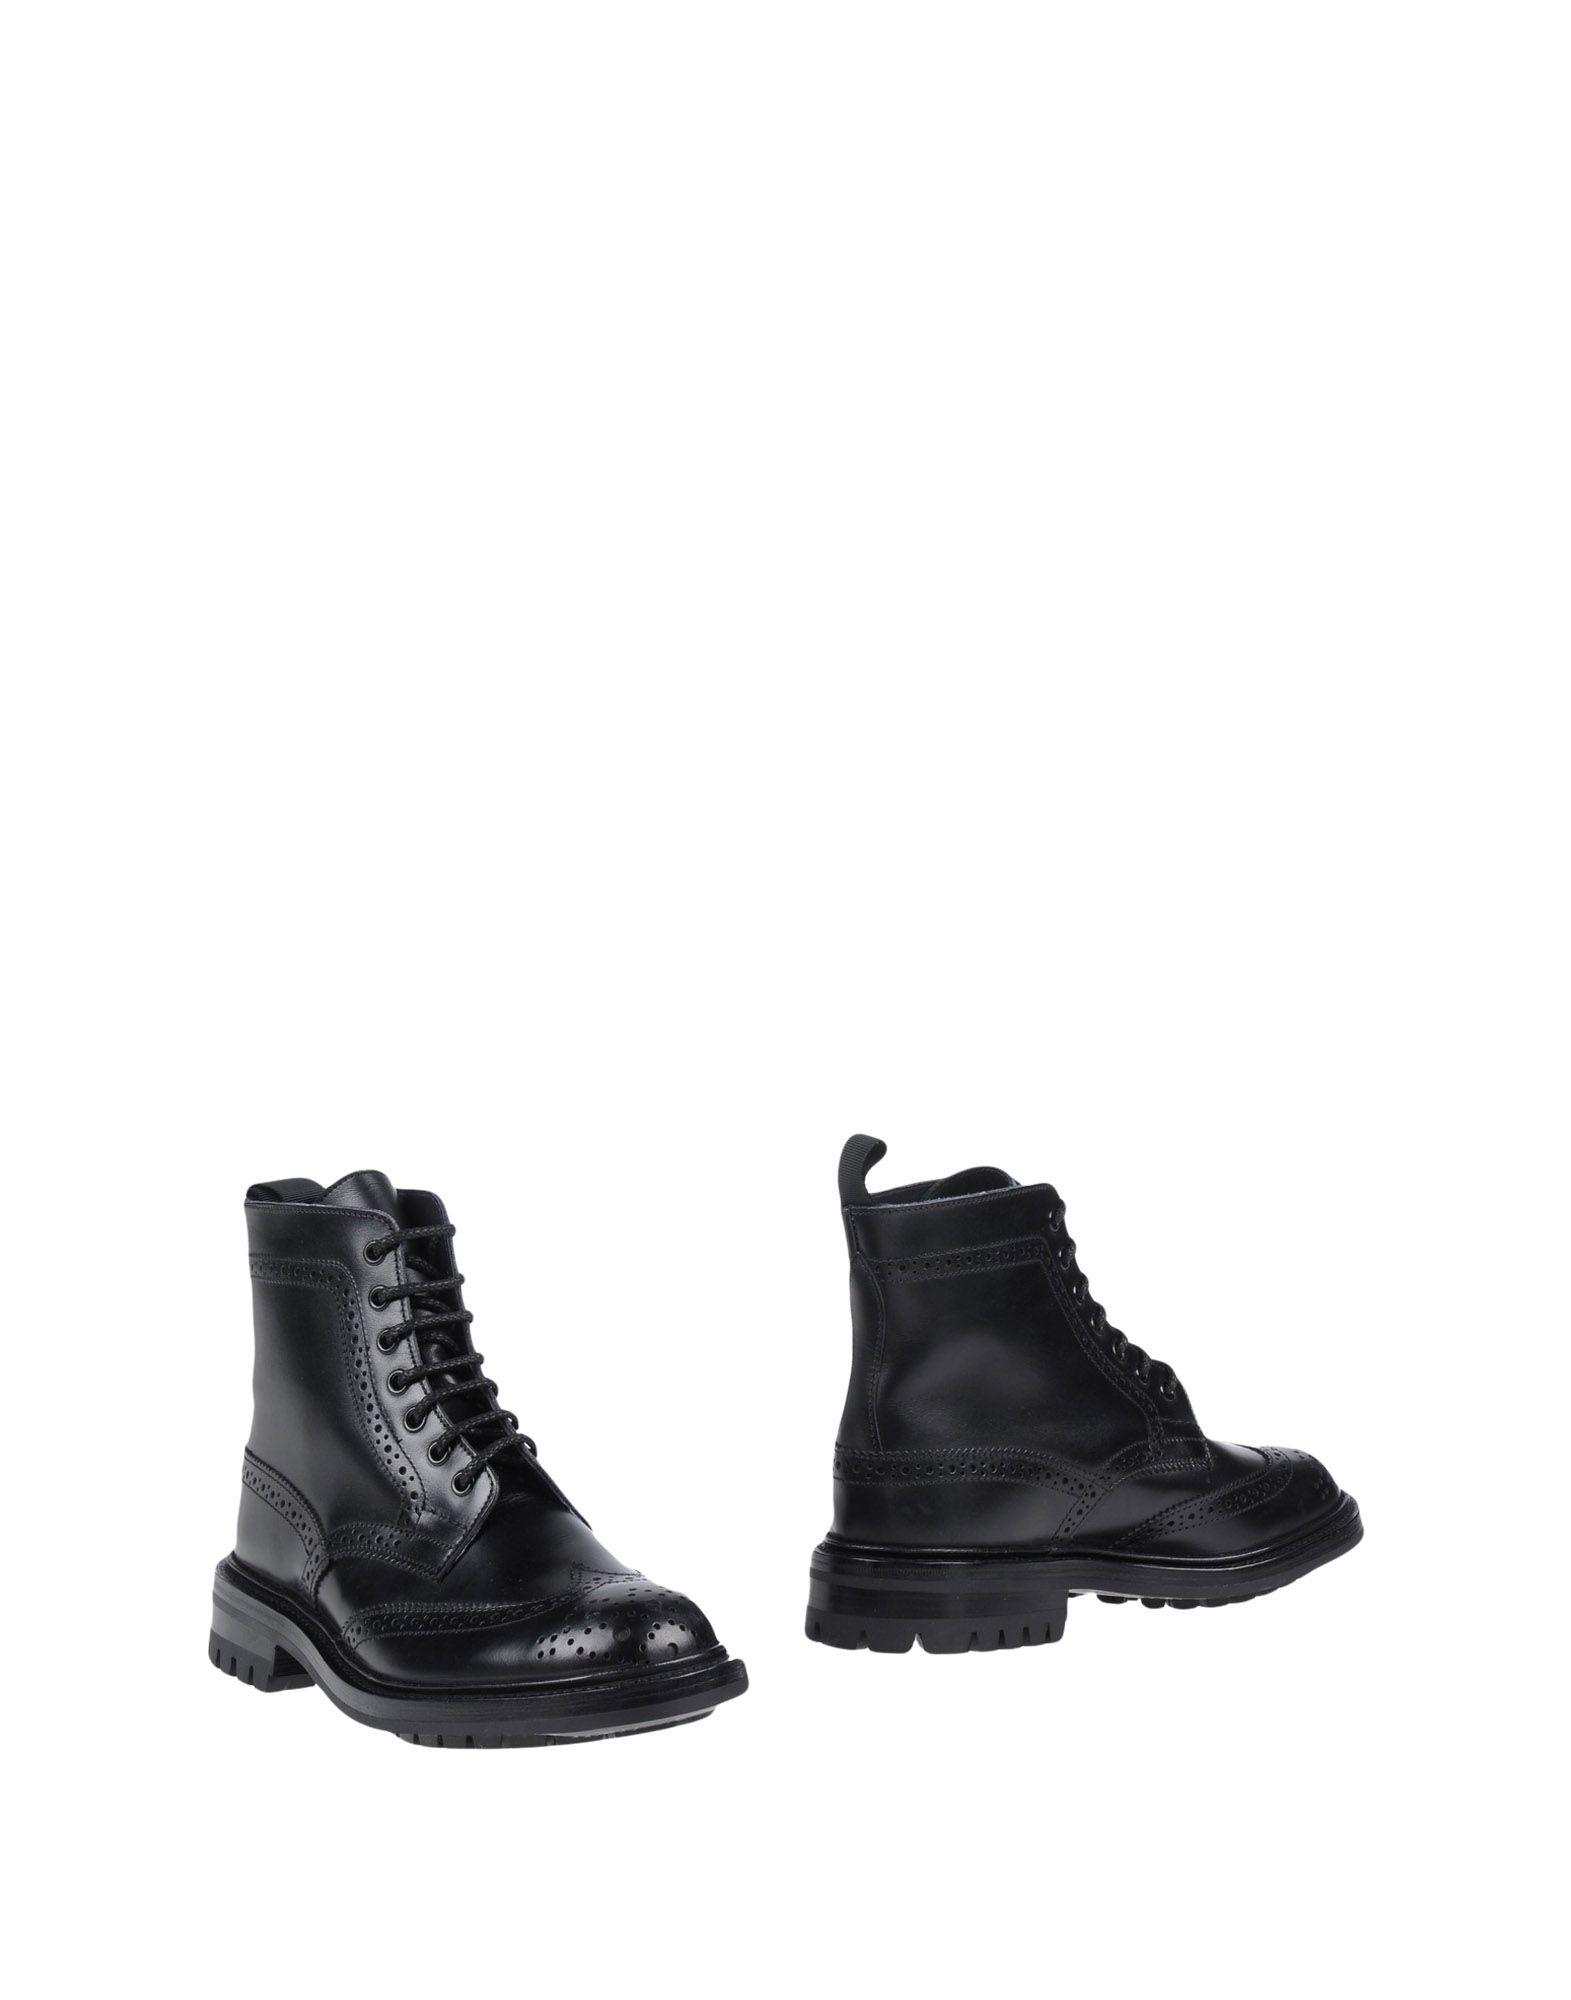 Rabatt Schuhe Mackintosh Stiefelette Damen  11456270DX